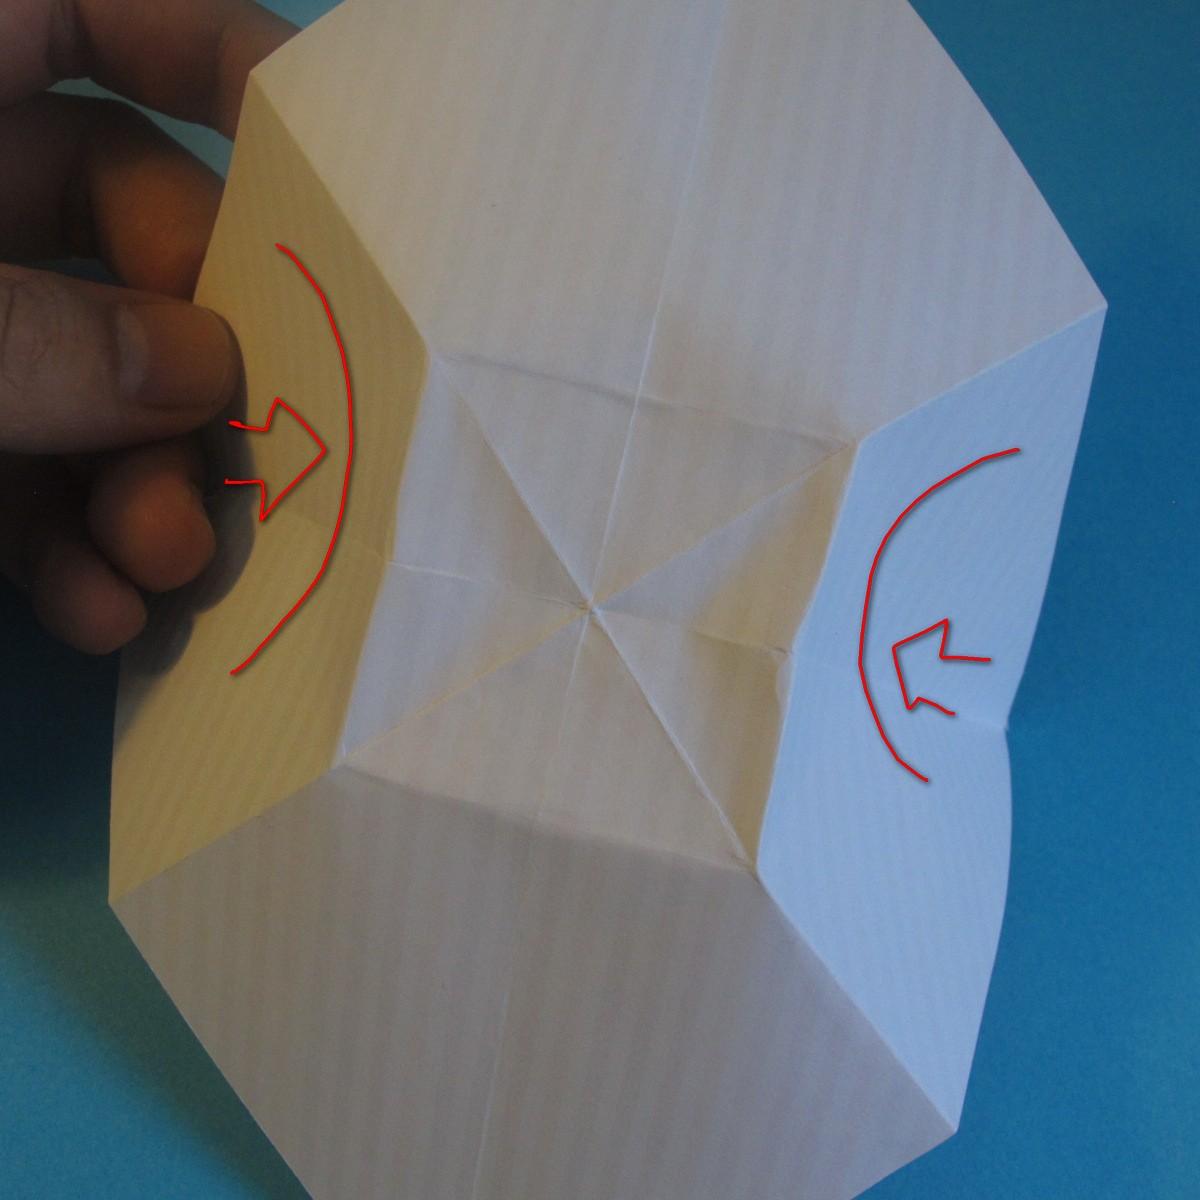 วิธีการพับกระดาษเป็นโบว์หูกระต่าย 007